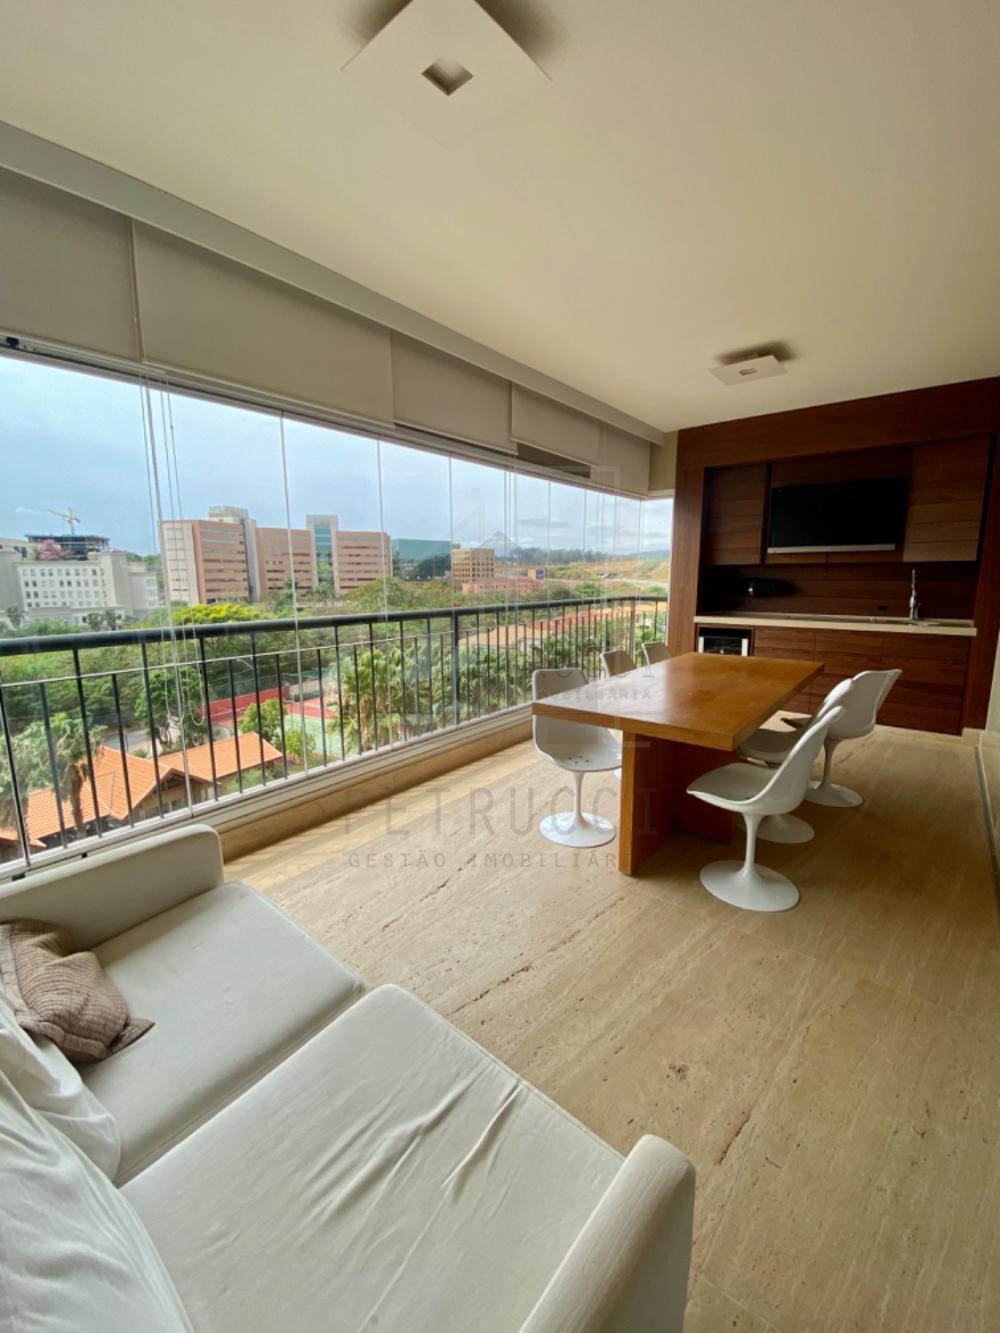 Alugar Apartamento / Padrão em Campinas R$ 14.000,00 - Foto 13